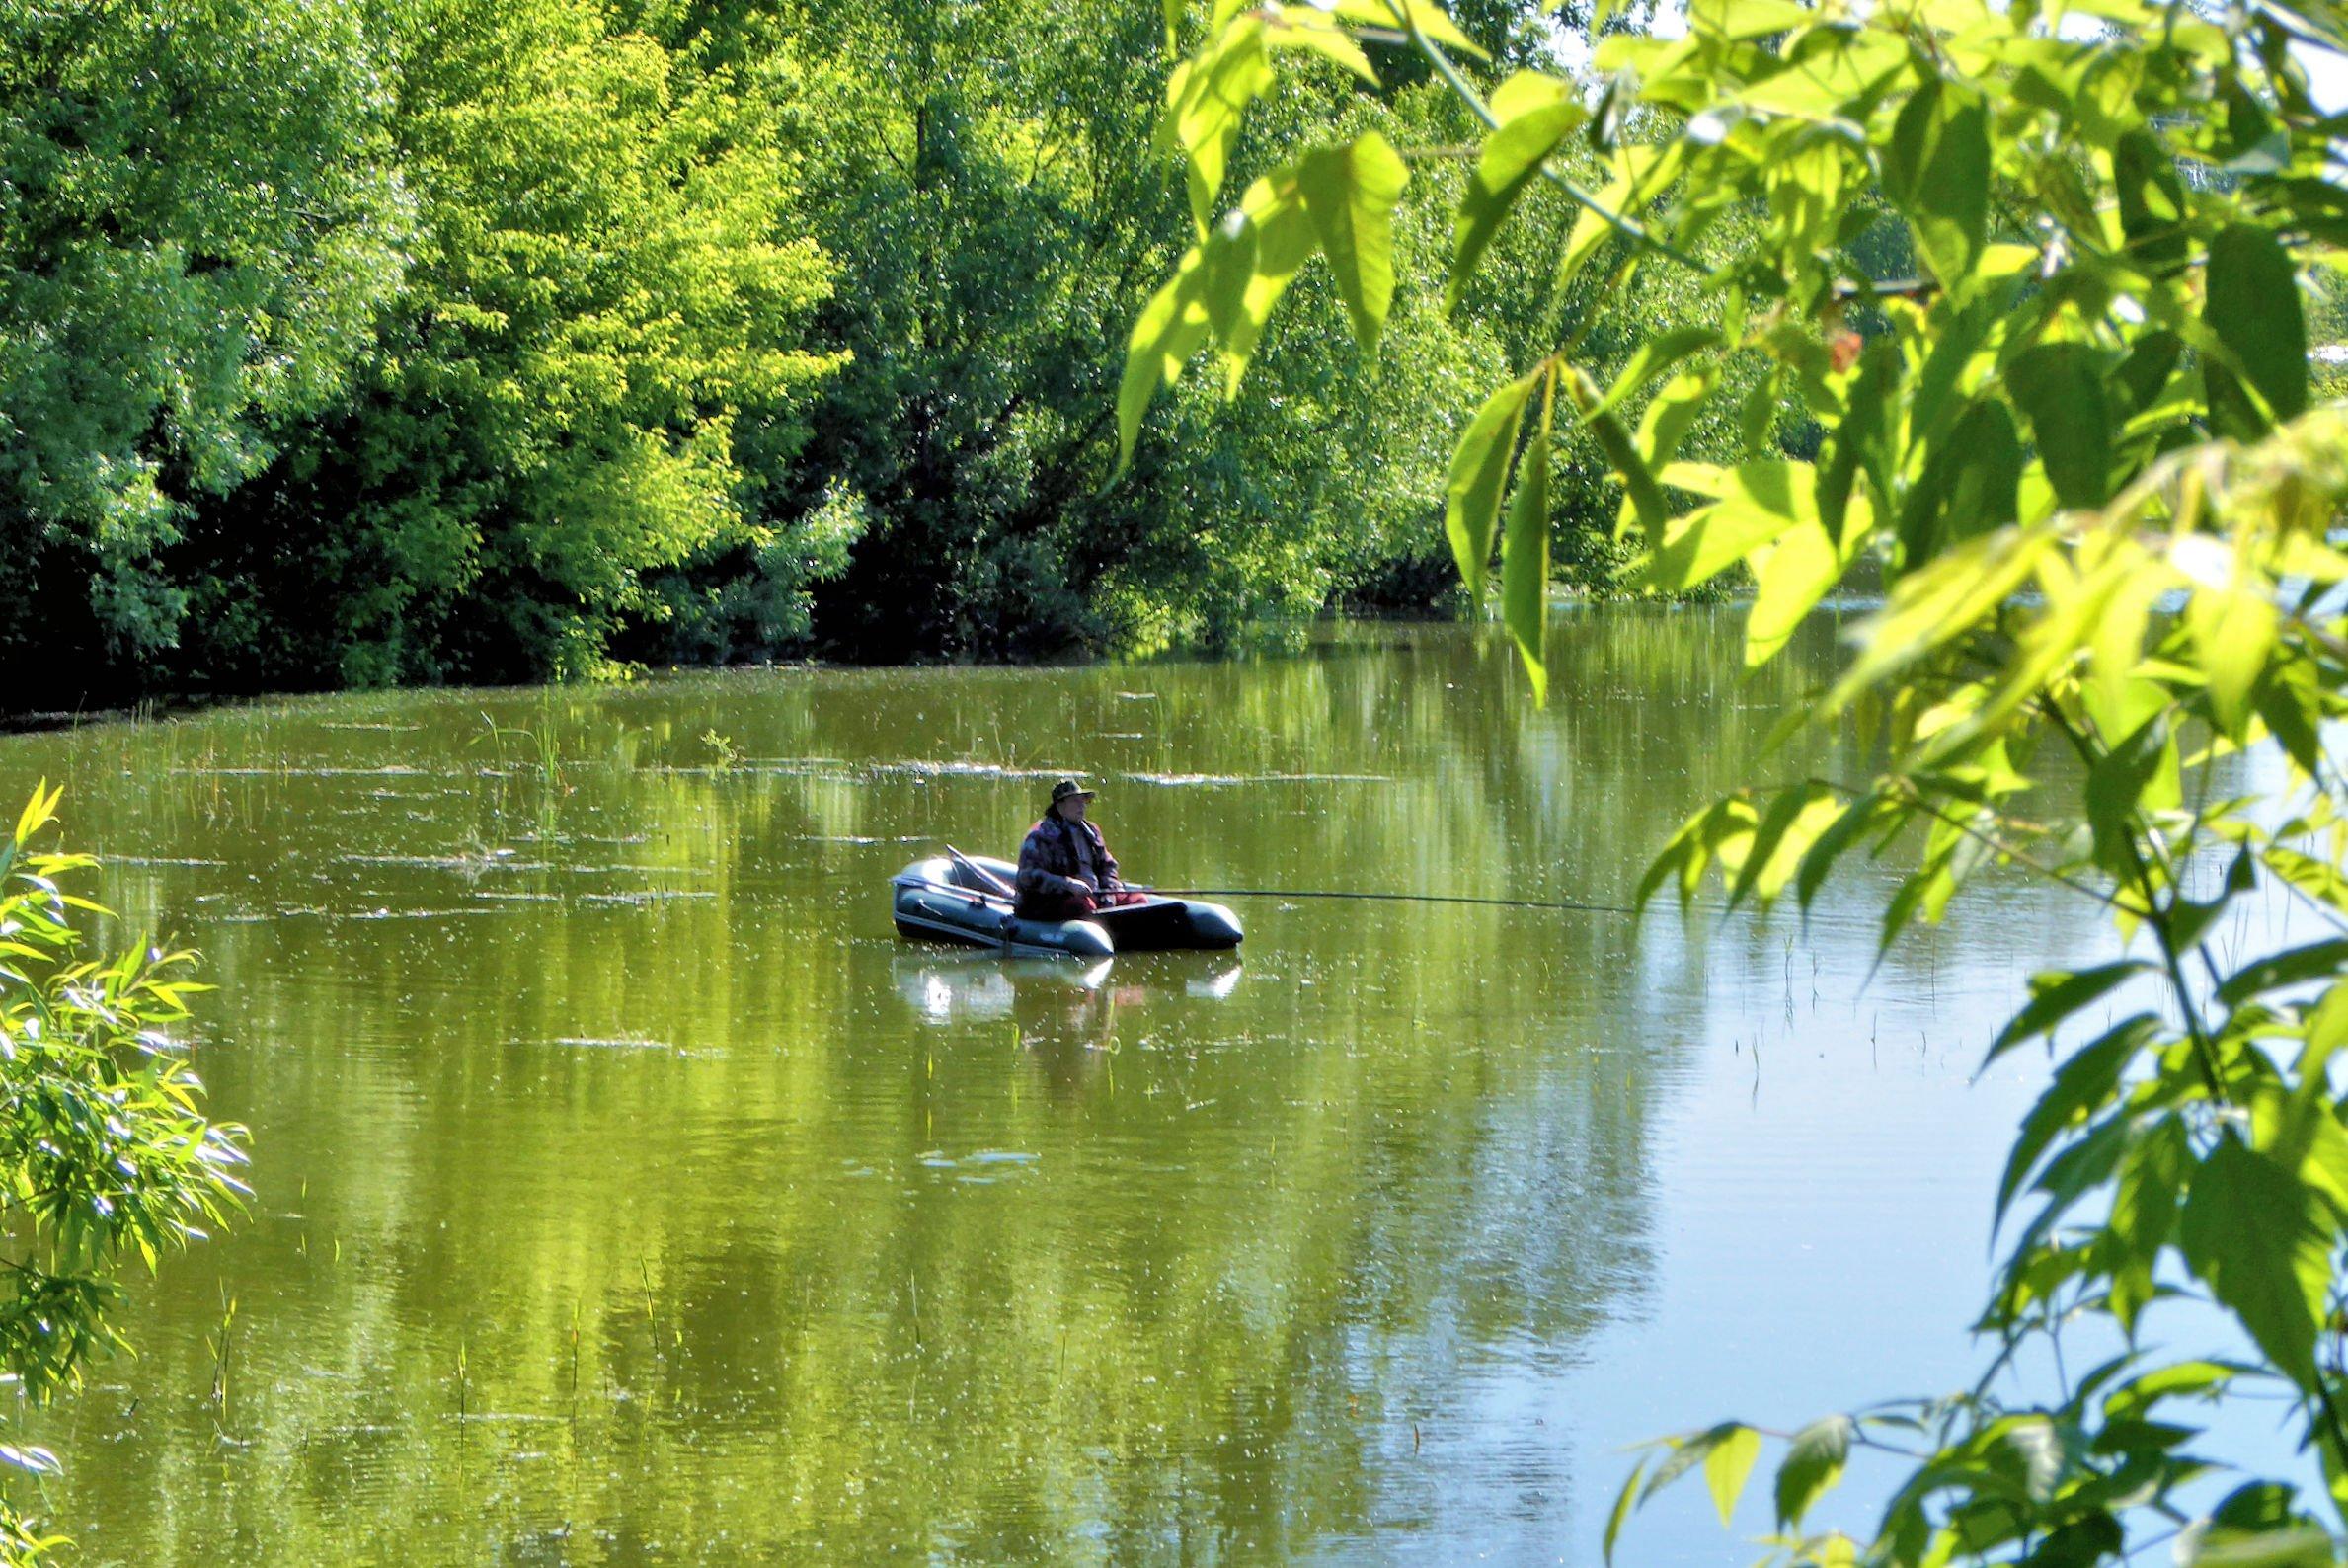 Рыбалка на пруду картинка